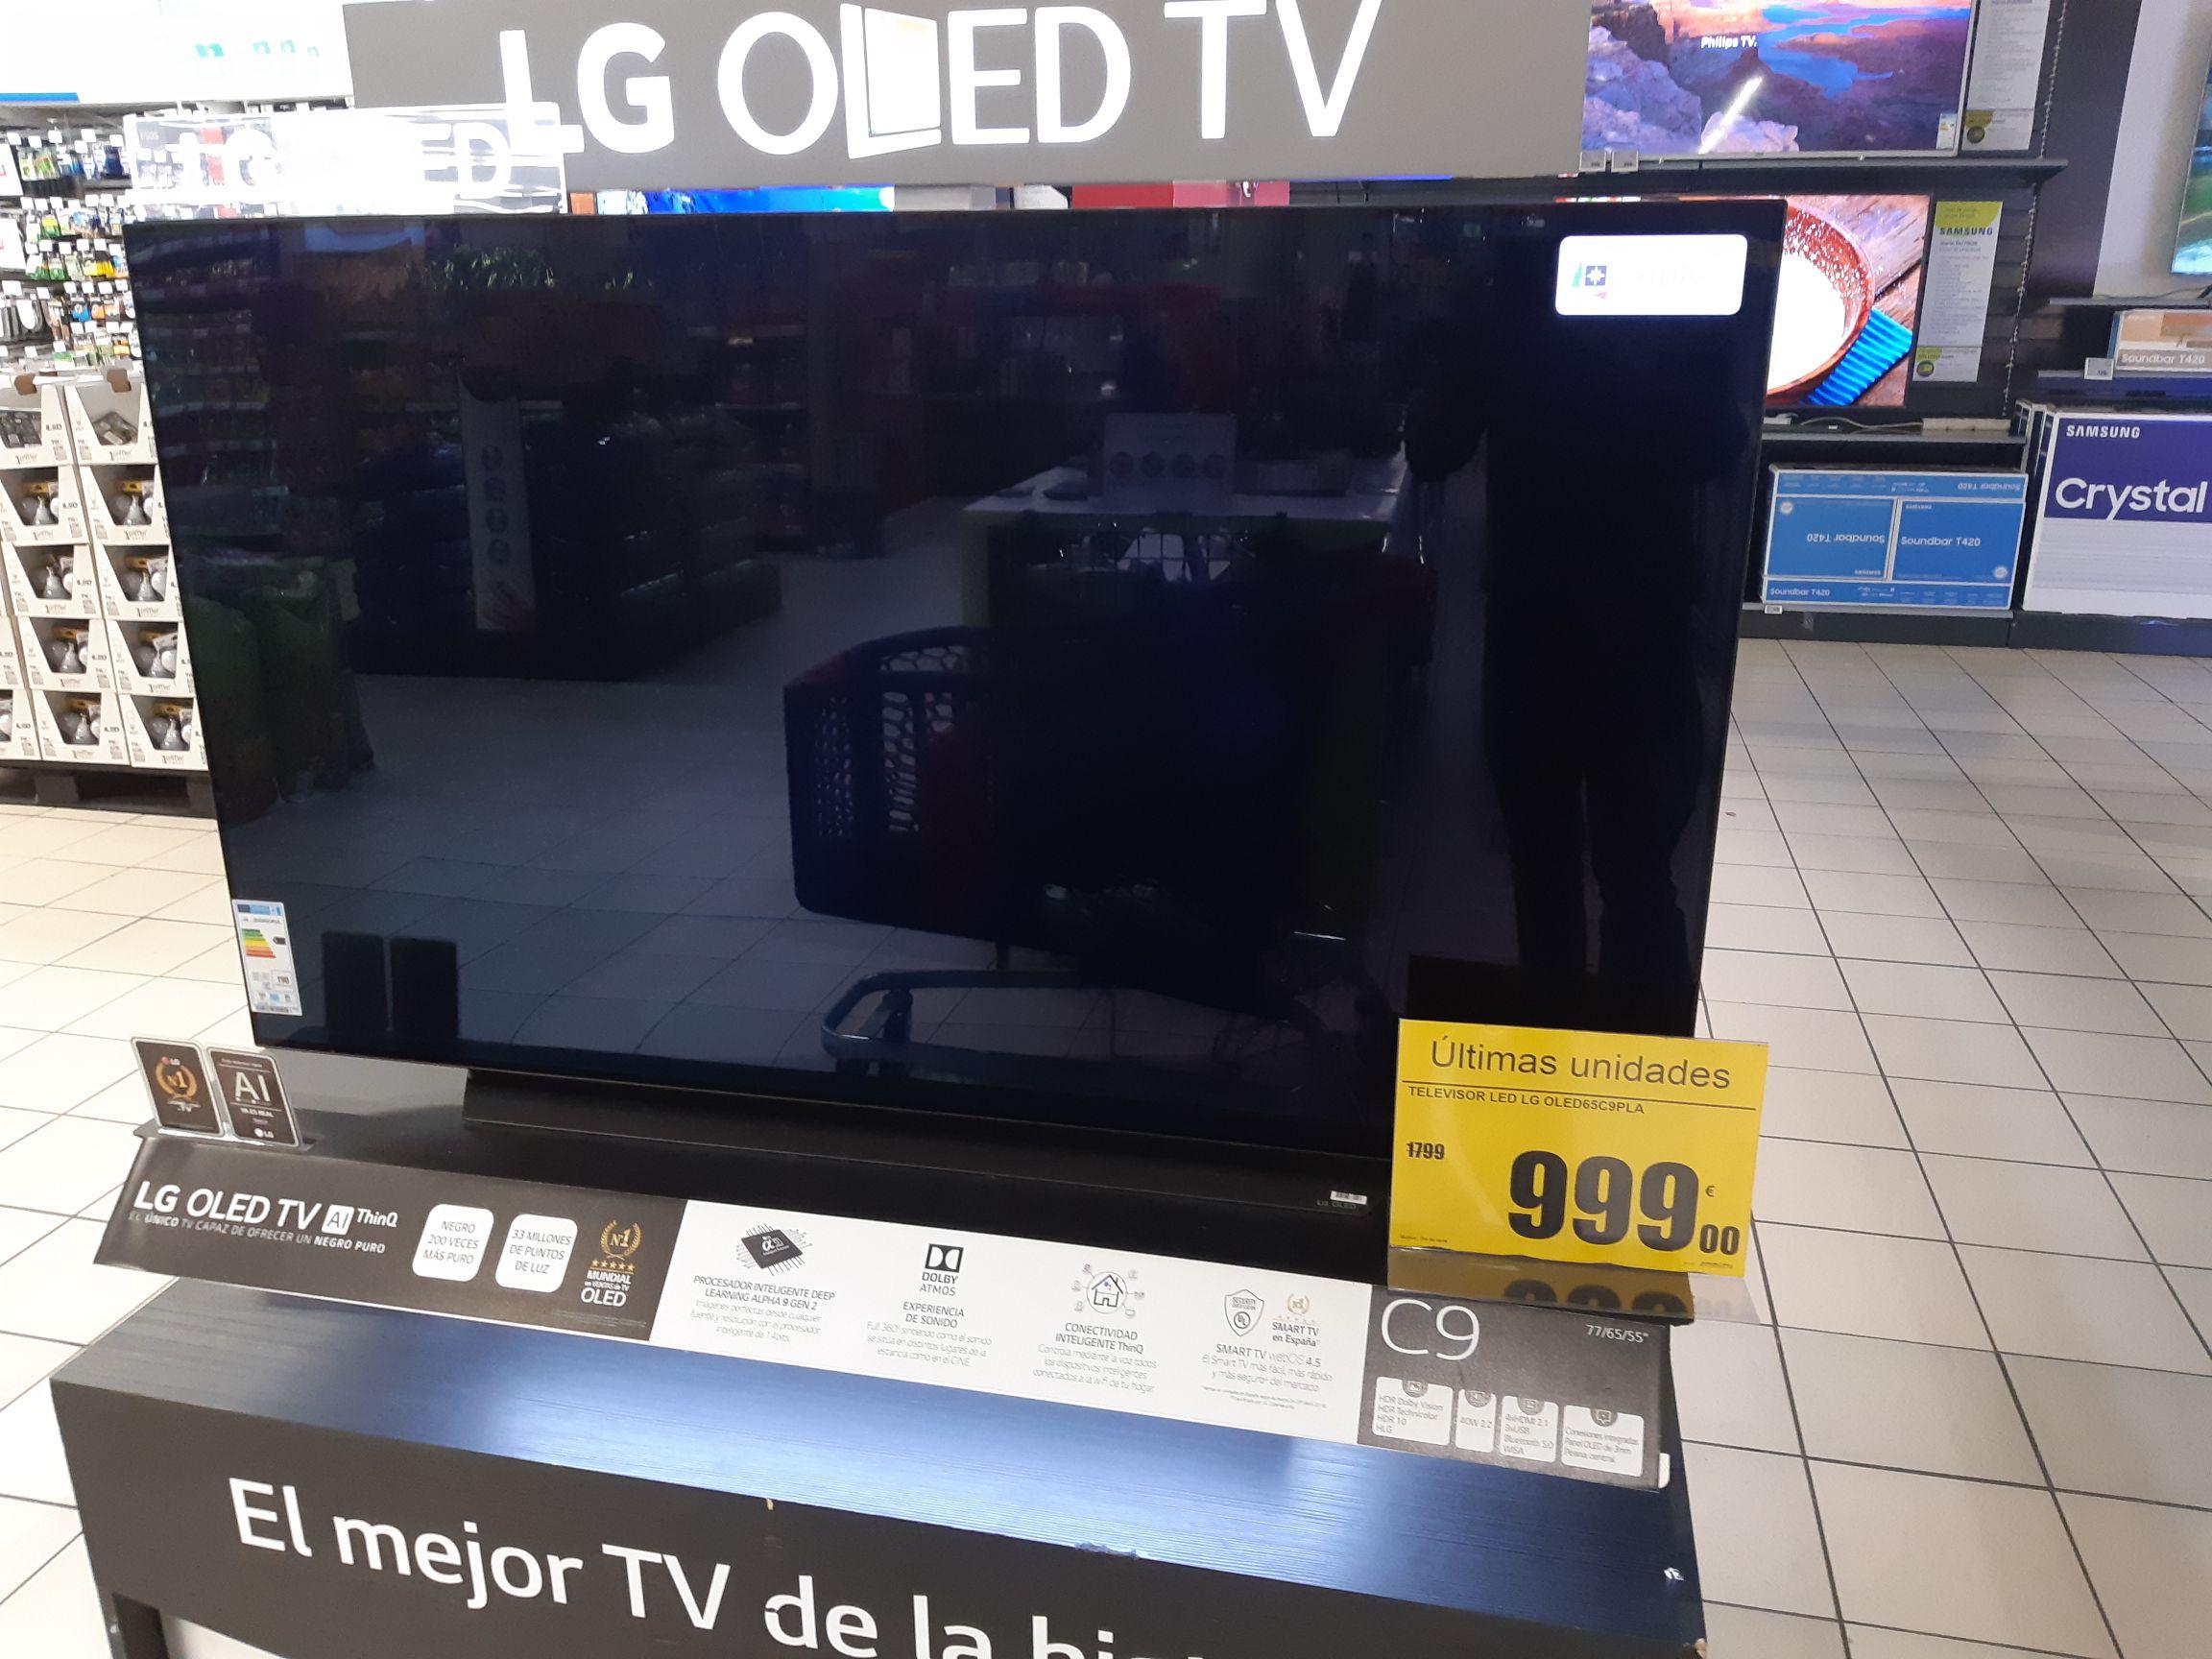 LG OLED 65C9PLA Última unidad (Carrefour San Sebastián de los Reyes)